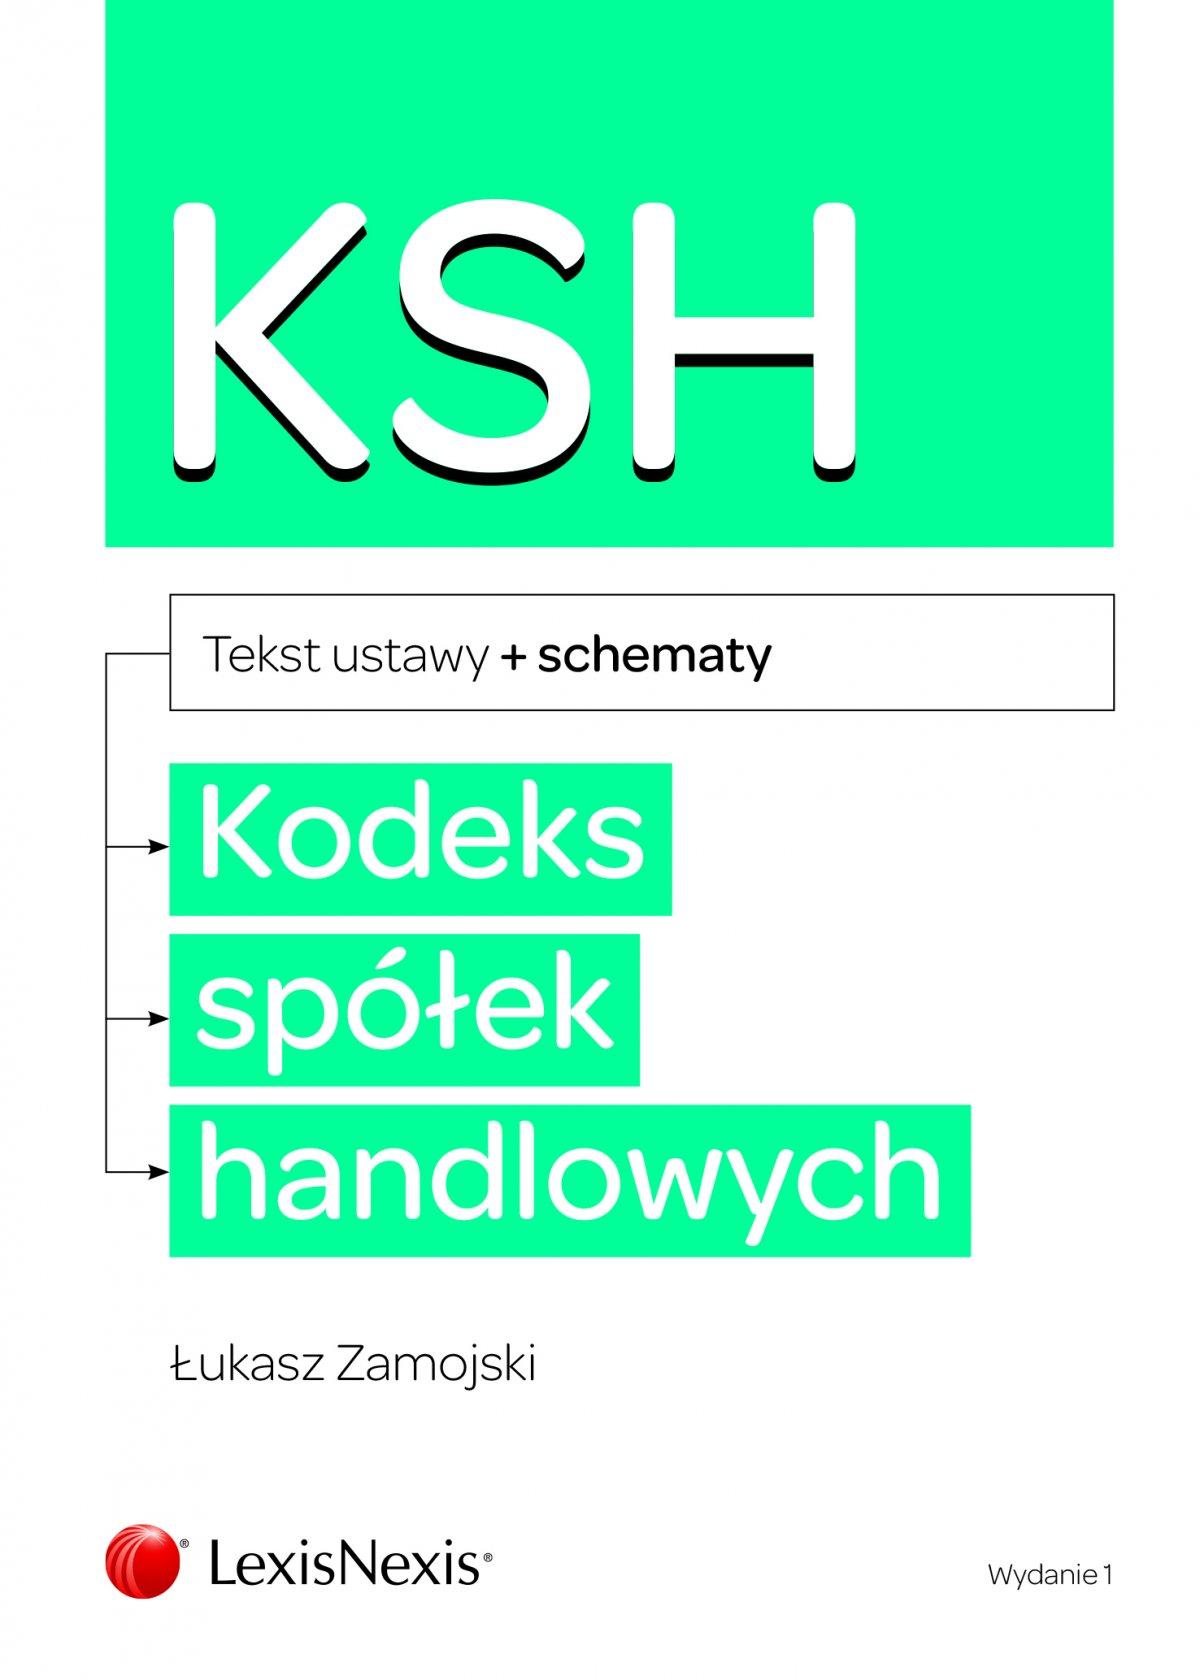 Kodeks spółek handlowych ze schematami. Wydanie 1 - Ebook (Książka PDF) do pobrania w formacie PDF